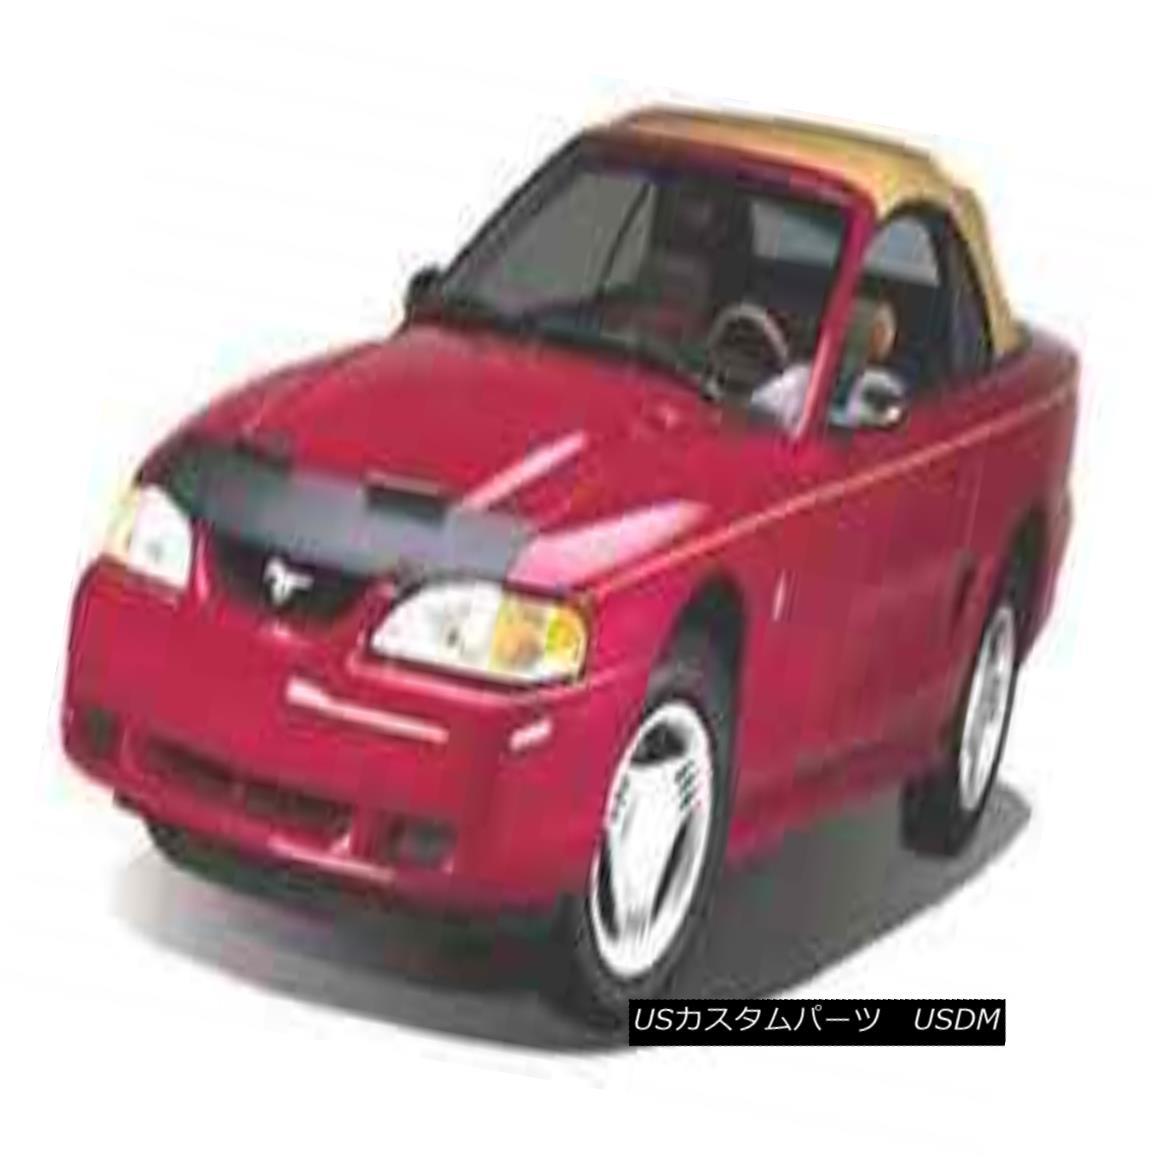 フルブラ ノーズブラ Mini Mask Bra Hood Protector Fits Jeep Cherokee 1997-2001 97-01 ミニマスクブラジャーフードプロテクターフィットジープチェロキー1997-2001 97-01画像